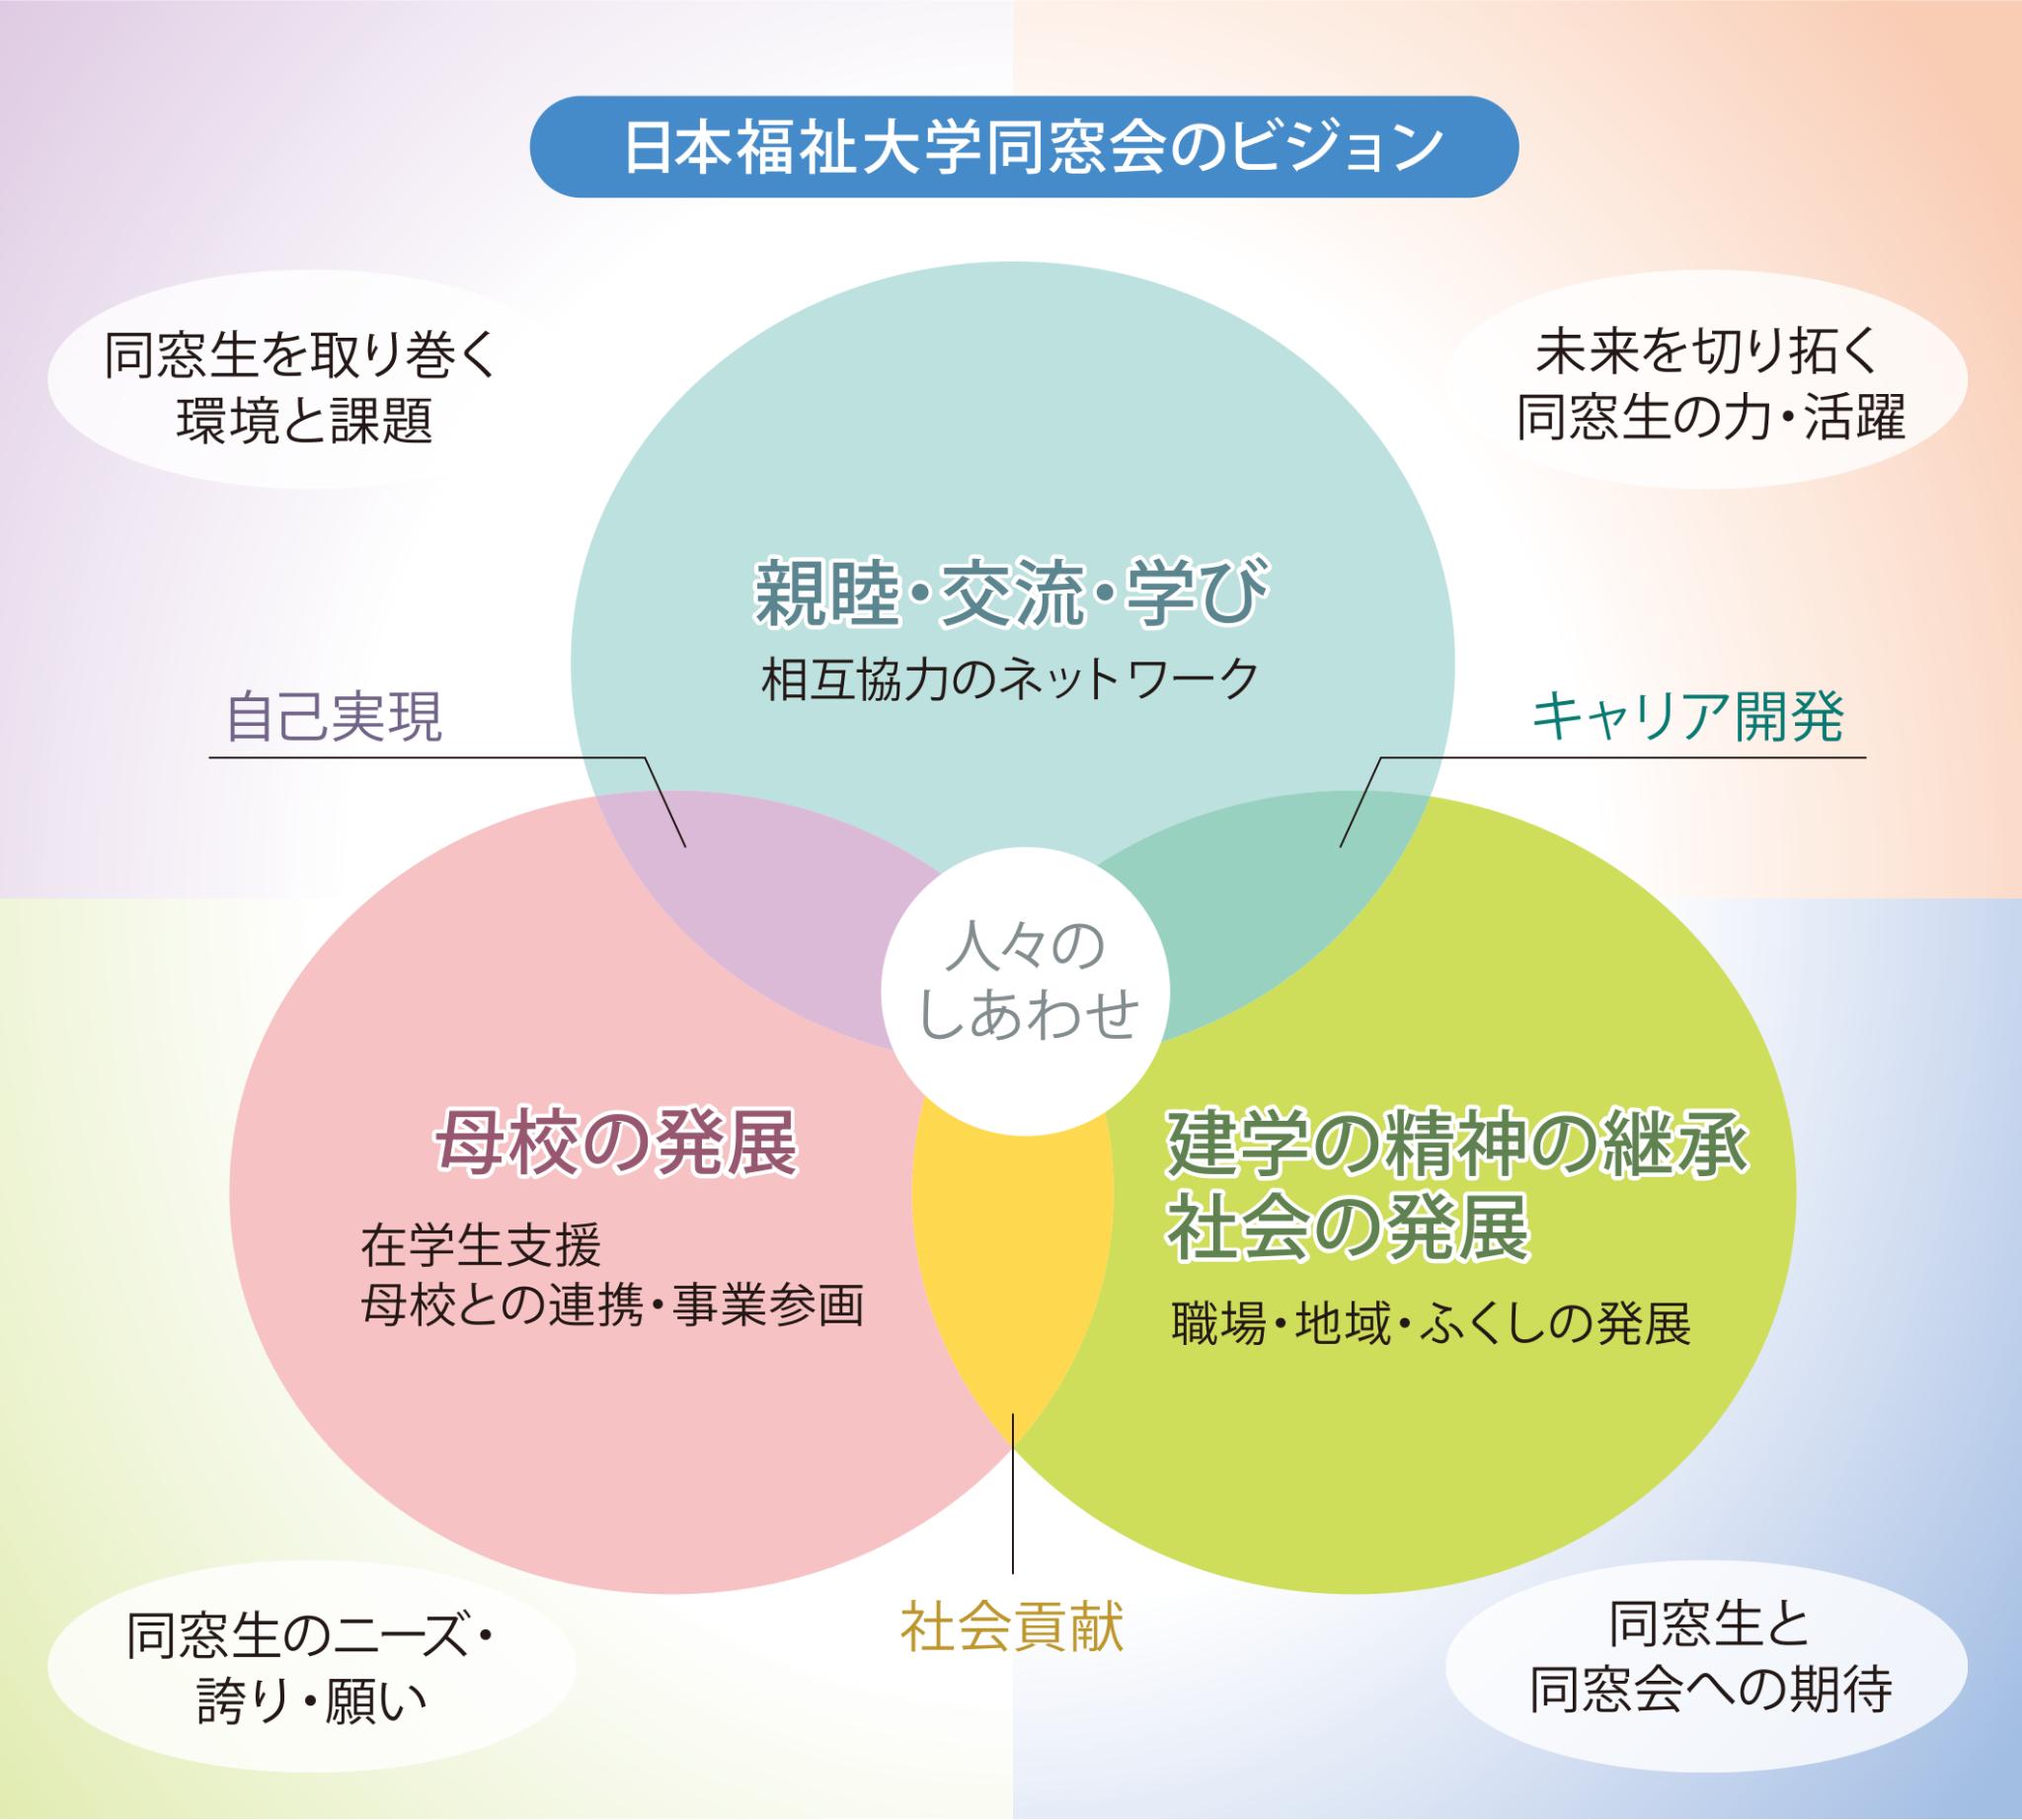 日本福祉大学同窓会のミッションとビジョン